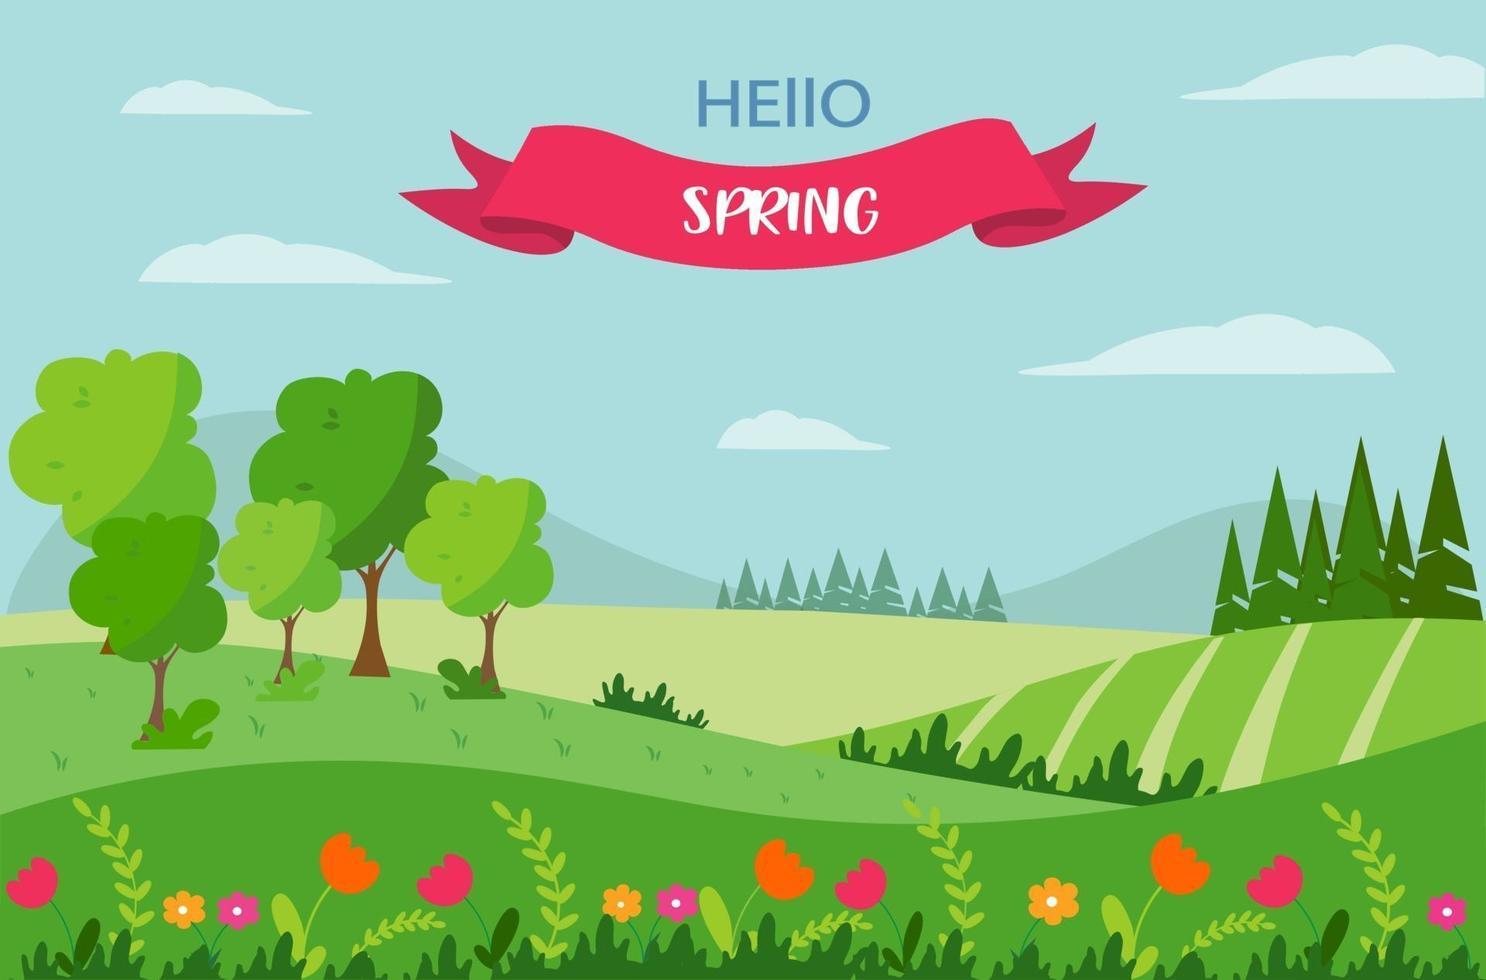 vårlandskap med en bänk, med berg, träd, åkrar och natur. inskriften hej våren. söt platt-stil illustration vektor